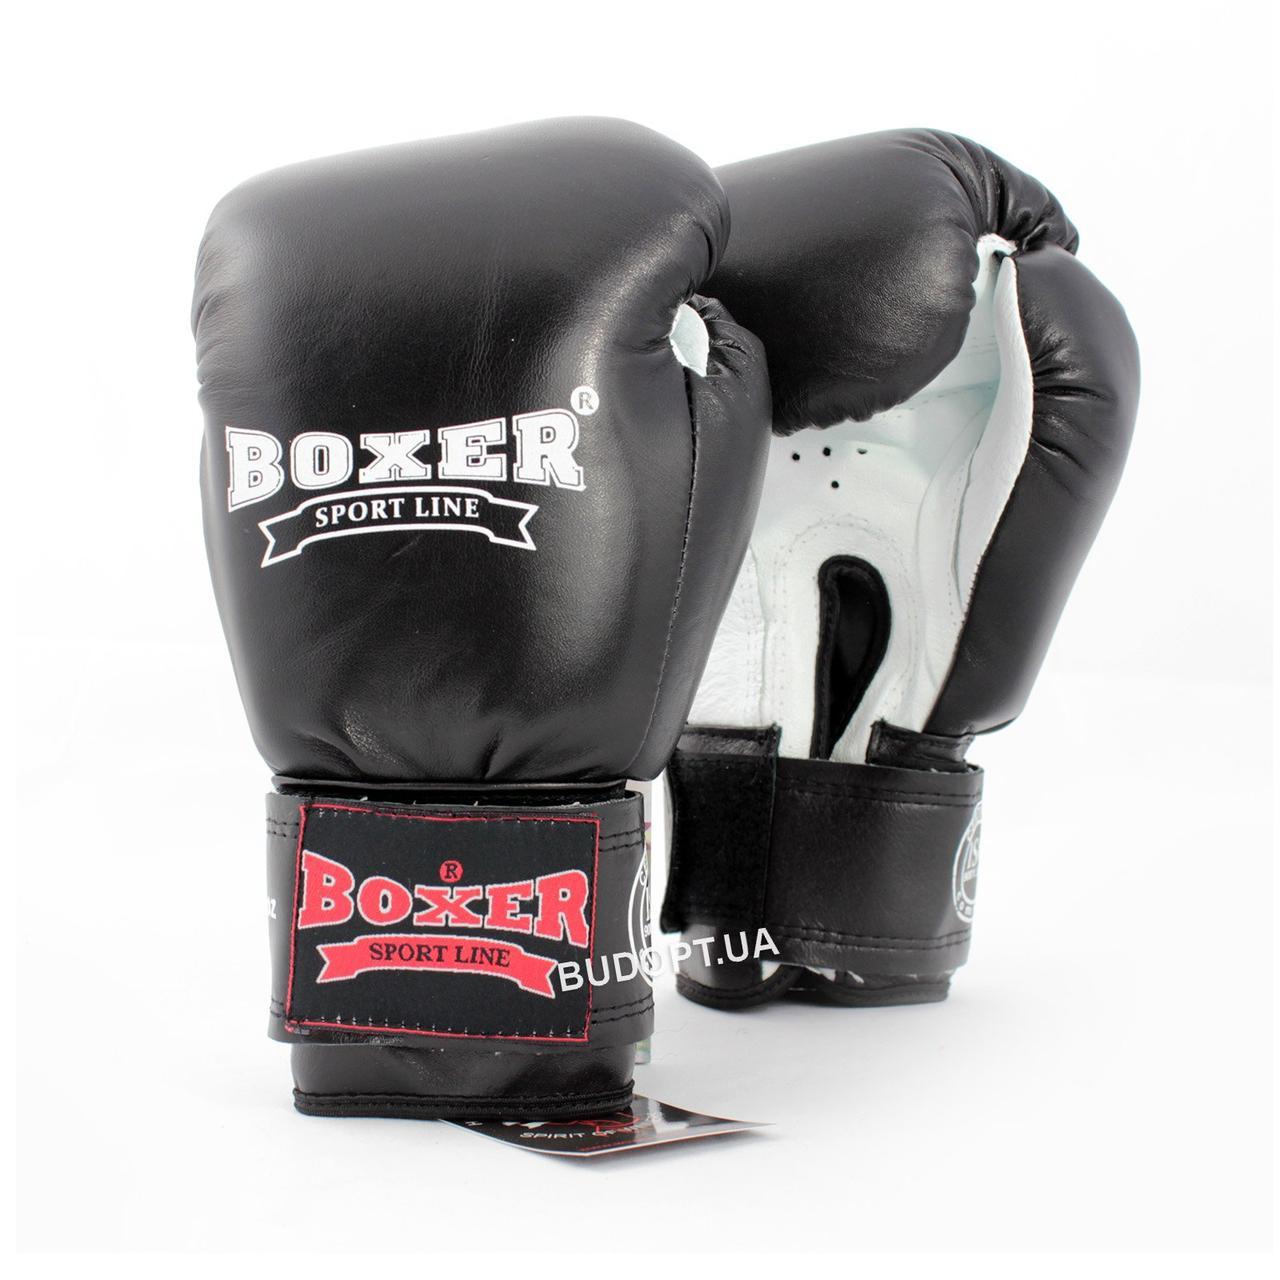 Детские боксерские перчатки кожаные Boxer 8 унций (bx-0029) - OSPORT.UA - интернет магазин спортивных товаров в Киеве